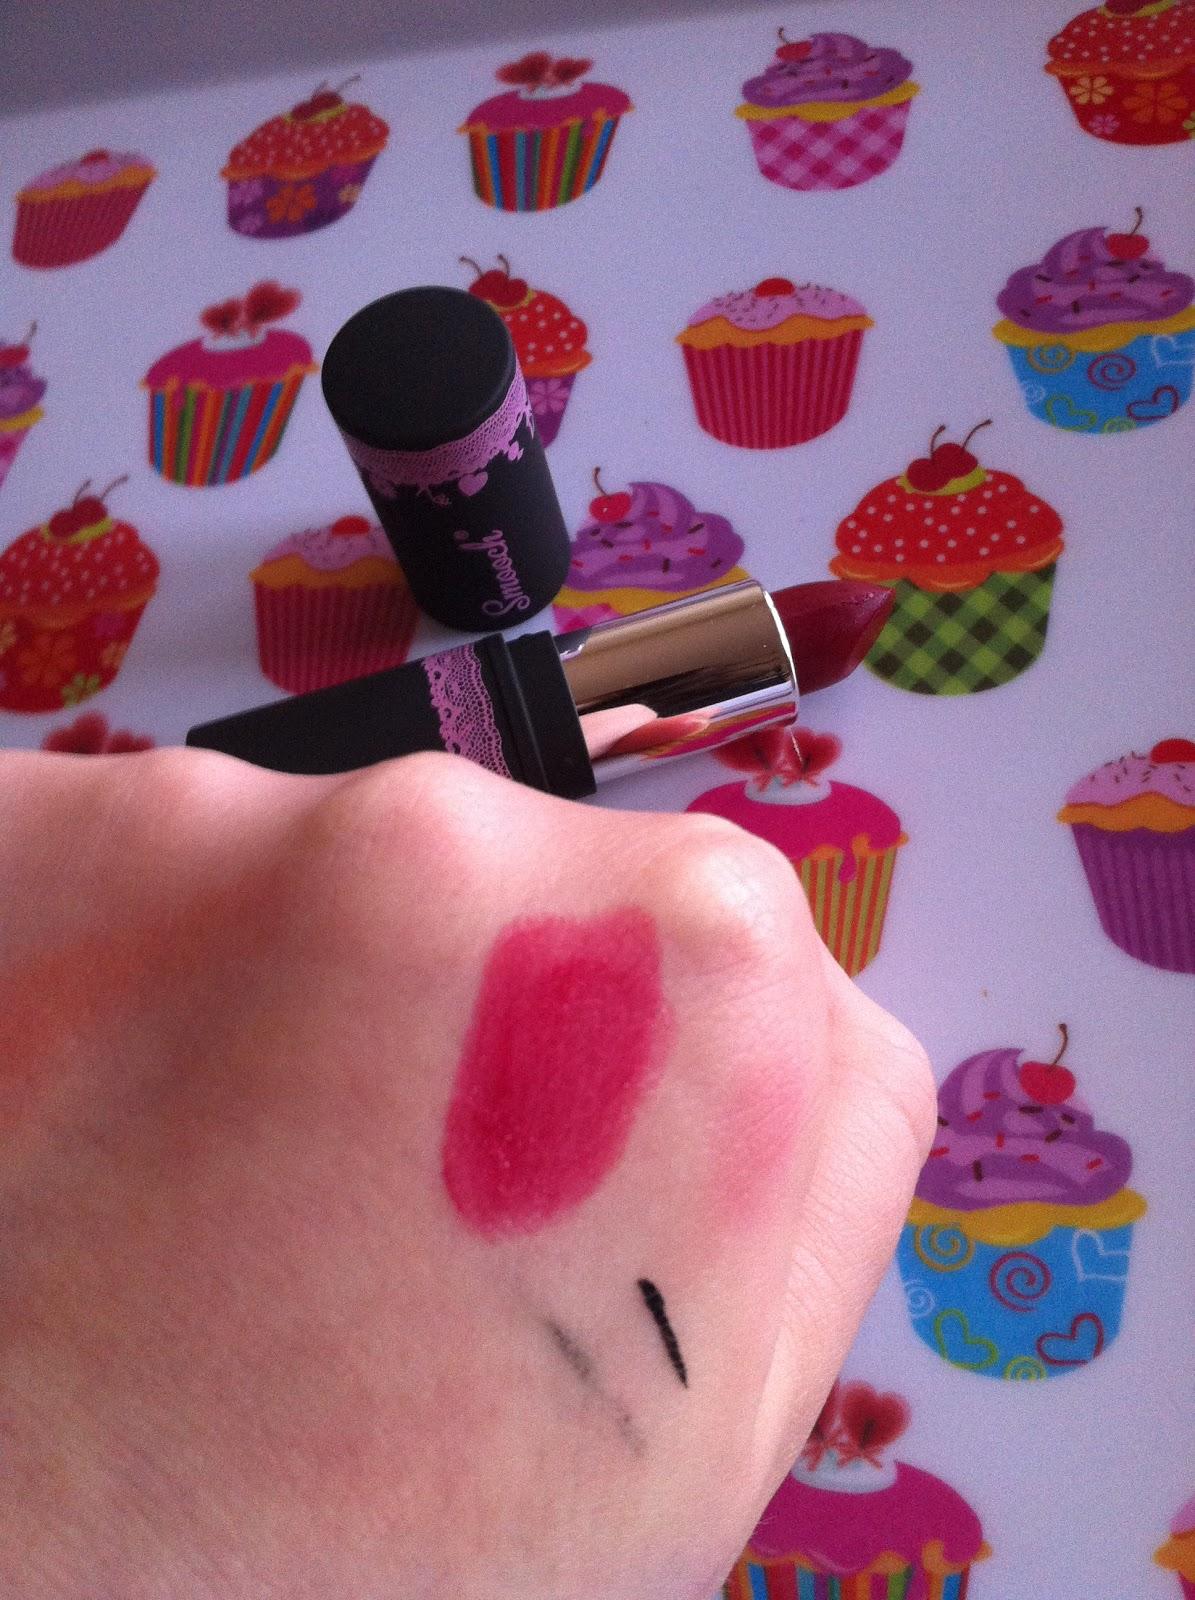 Laurenlovesmakeup Xoxo Primark Pound Fashion Nails